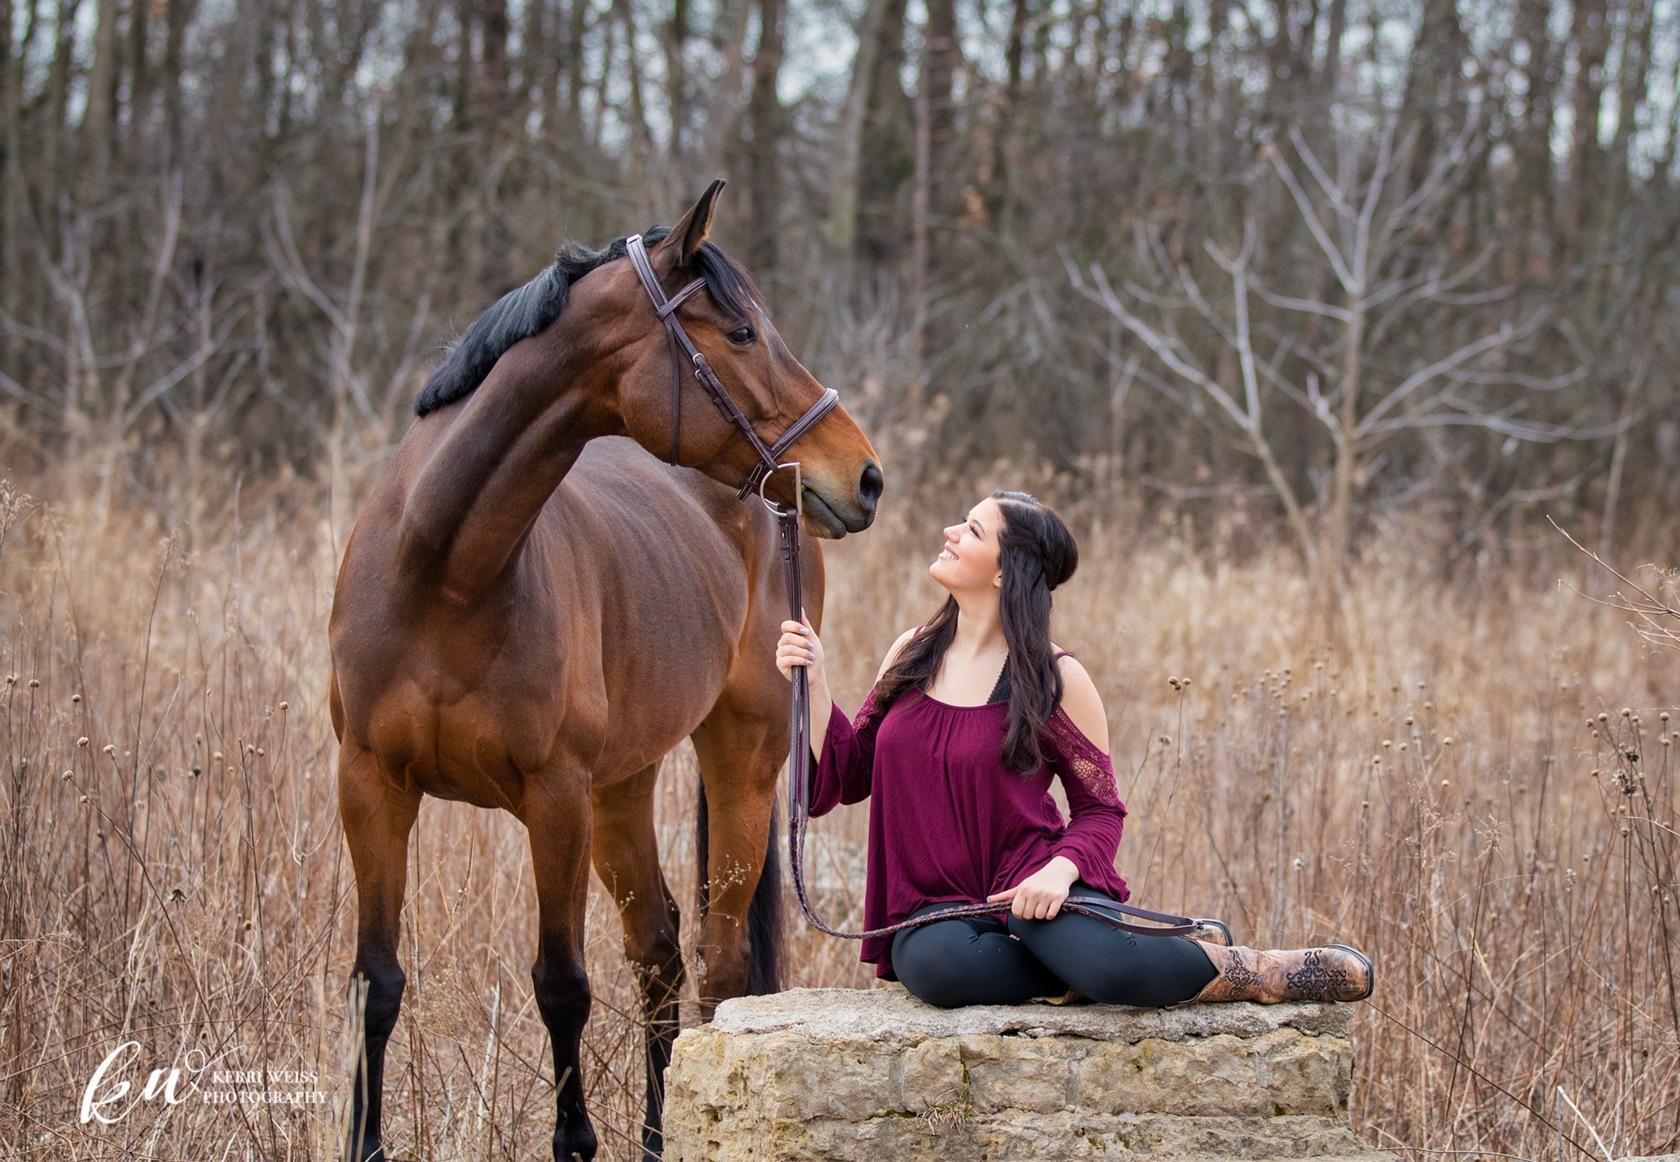 My best friend. by Kerri Weiss